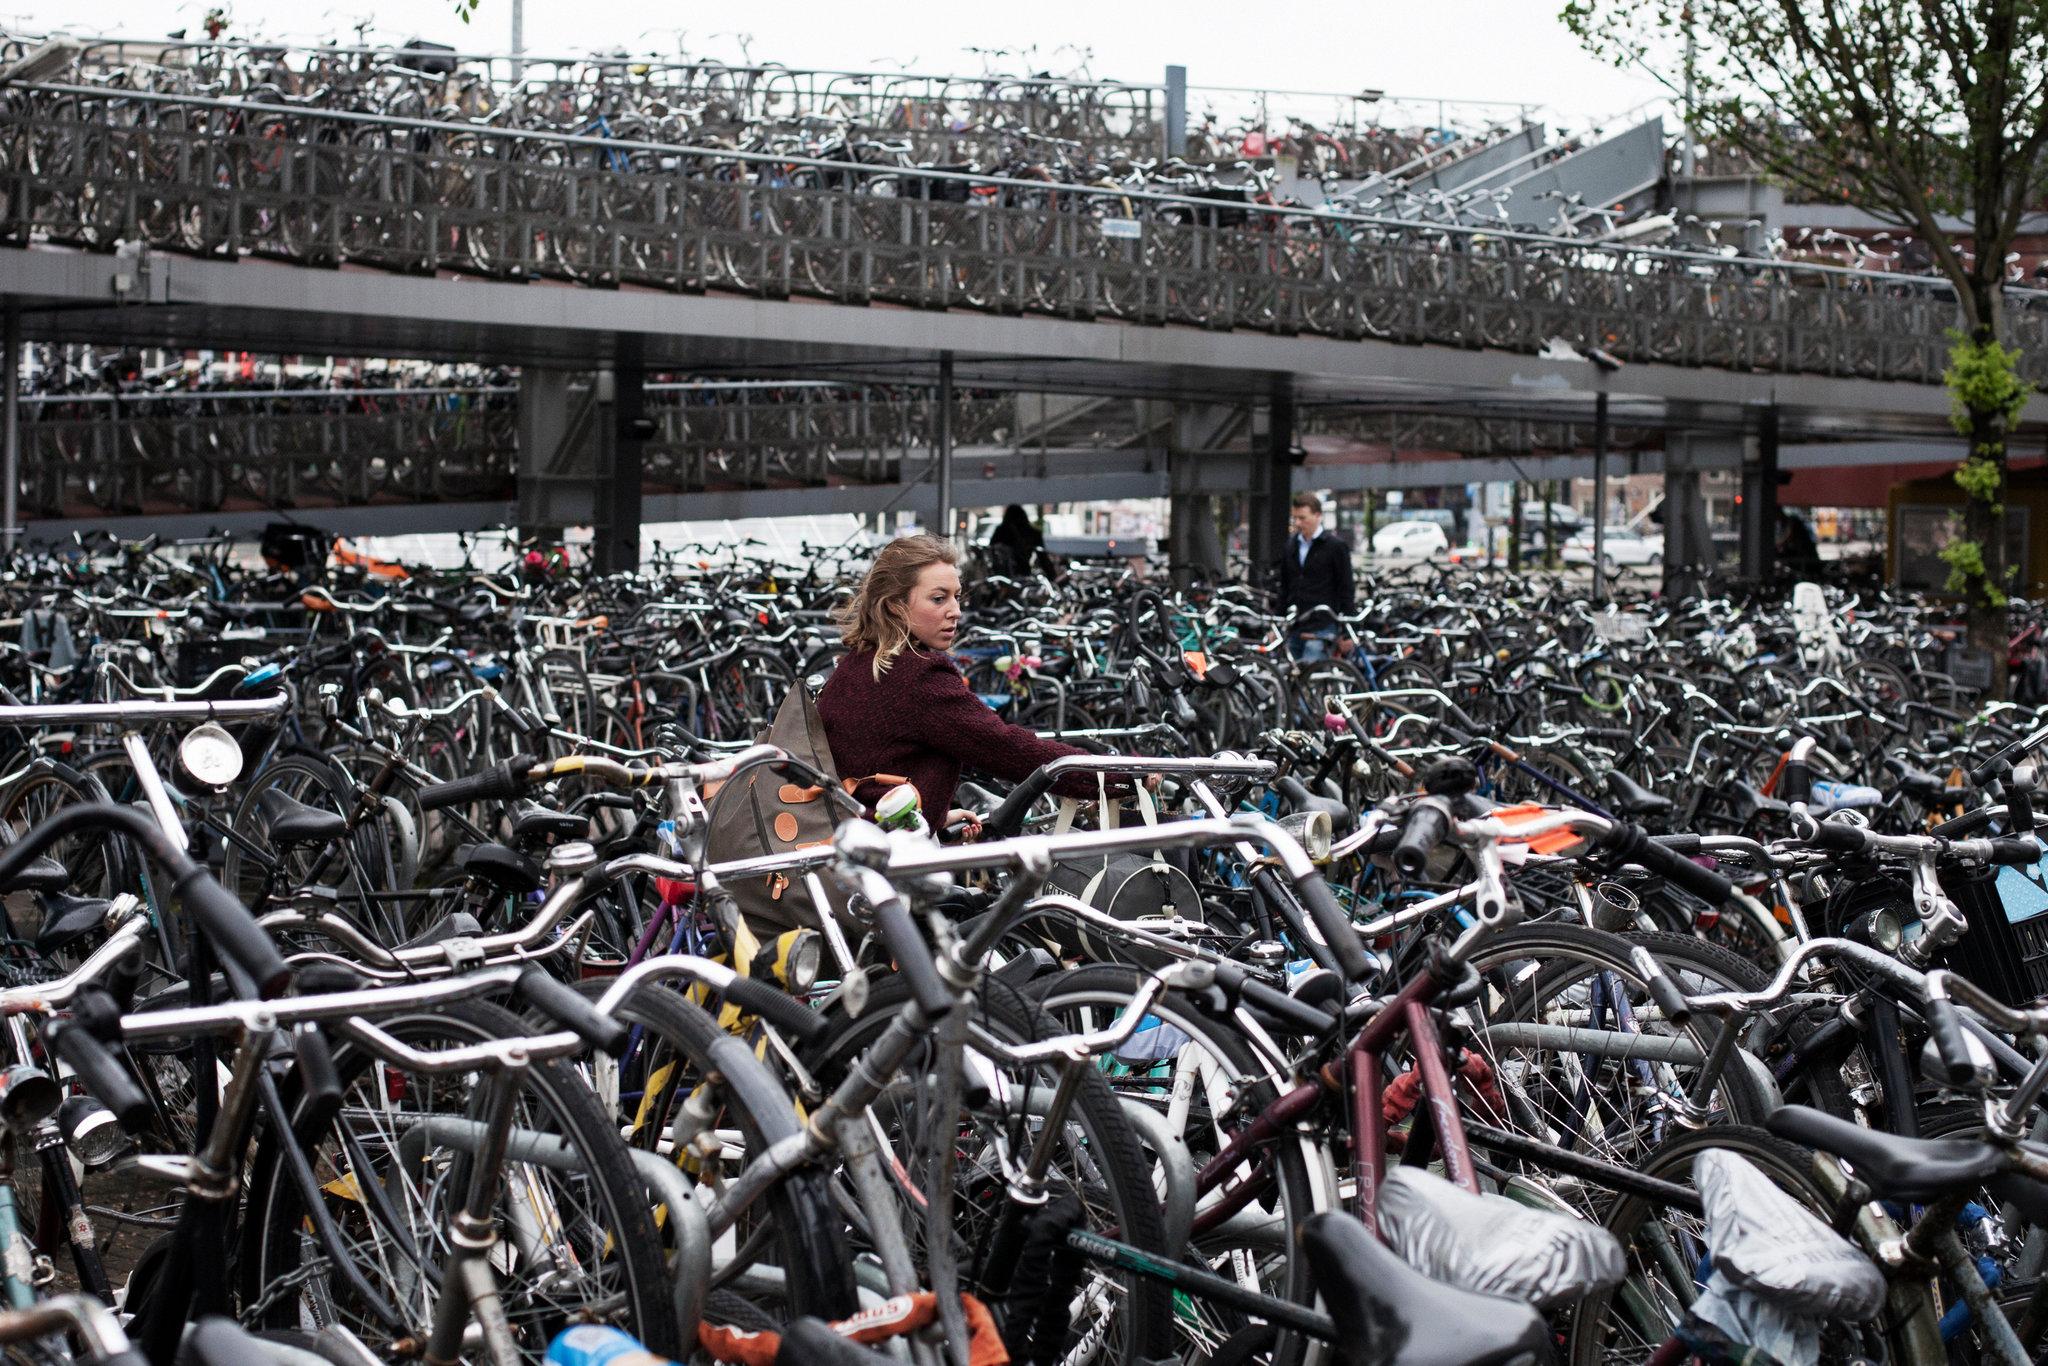 MOST BICYCLES PER CAPITA